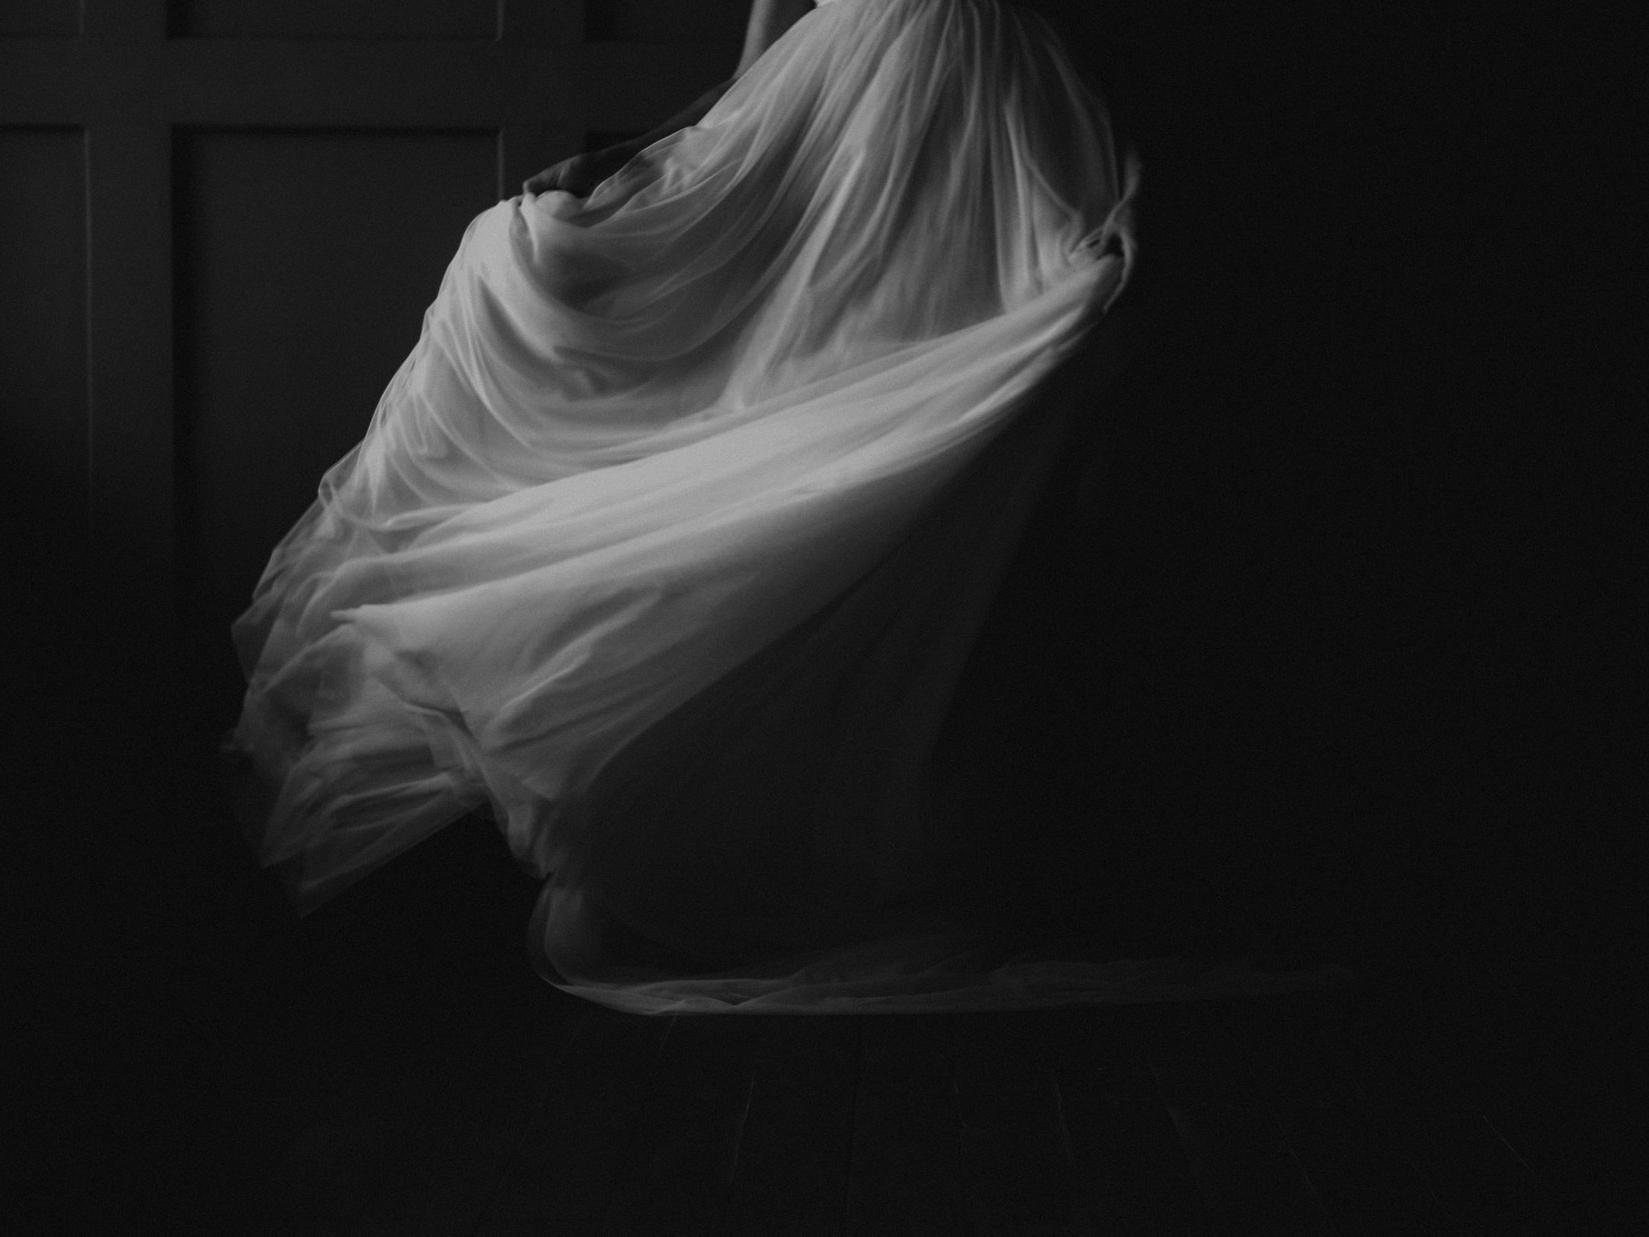 Свадебное платье Анны Бейкер